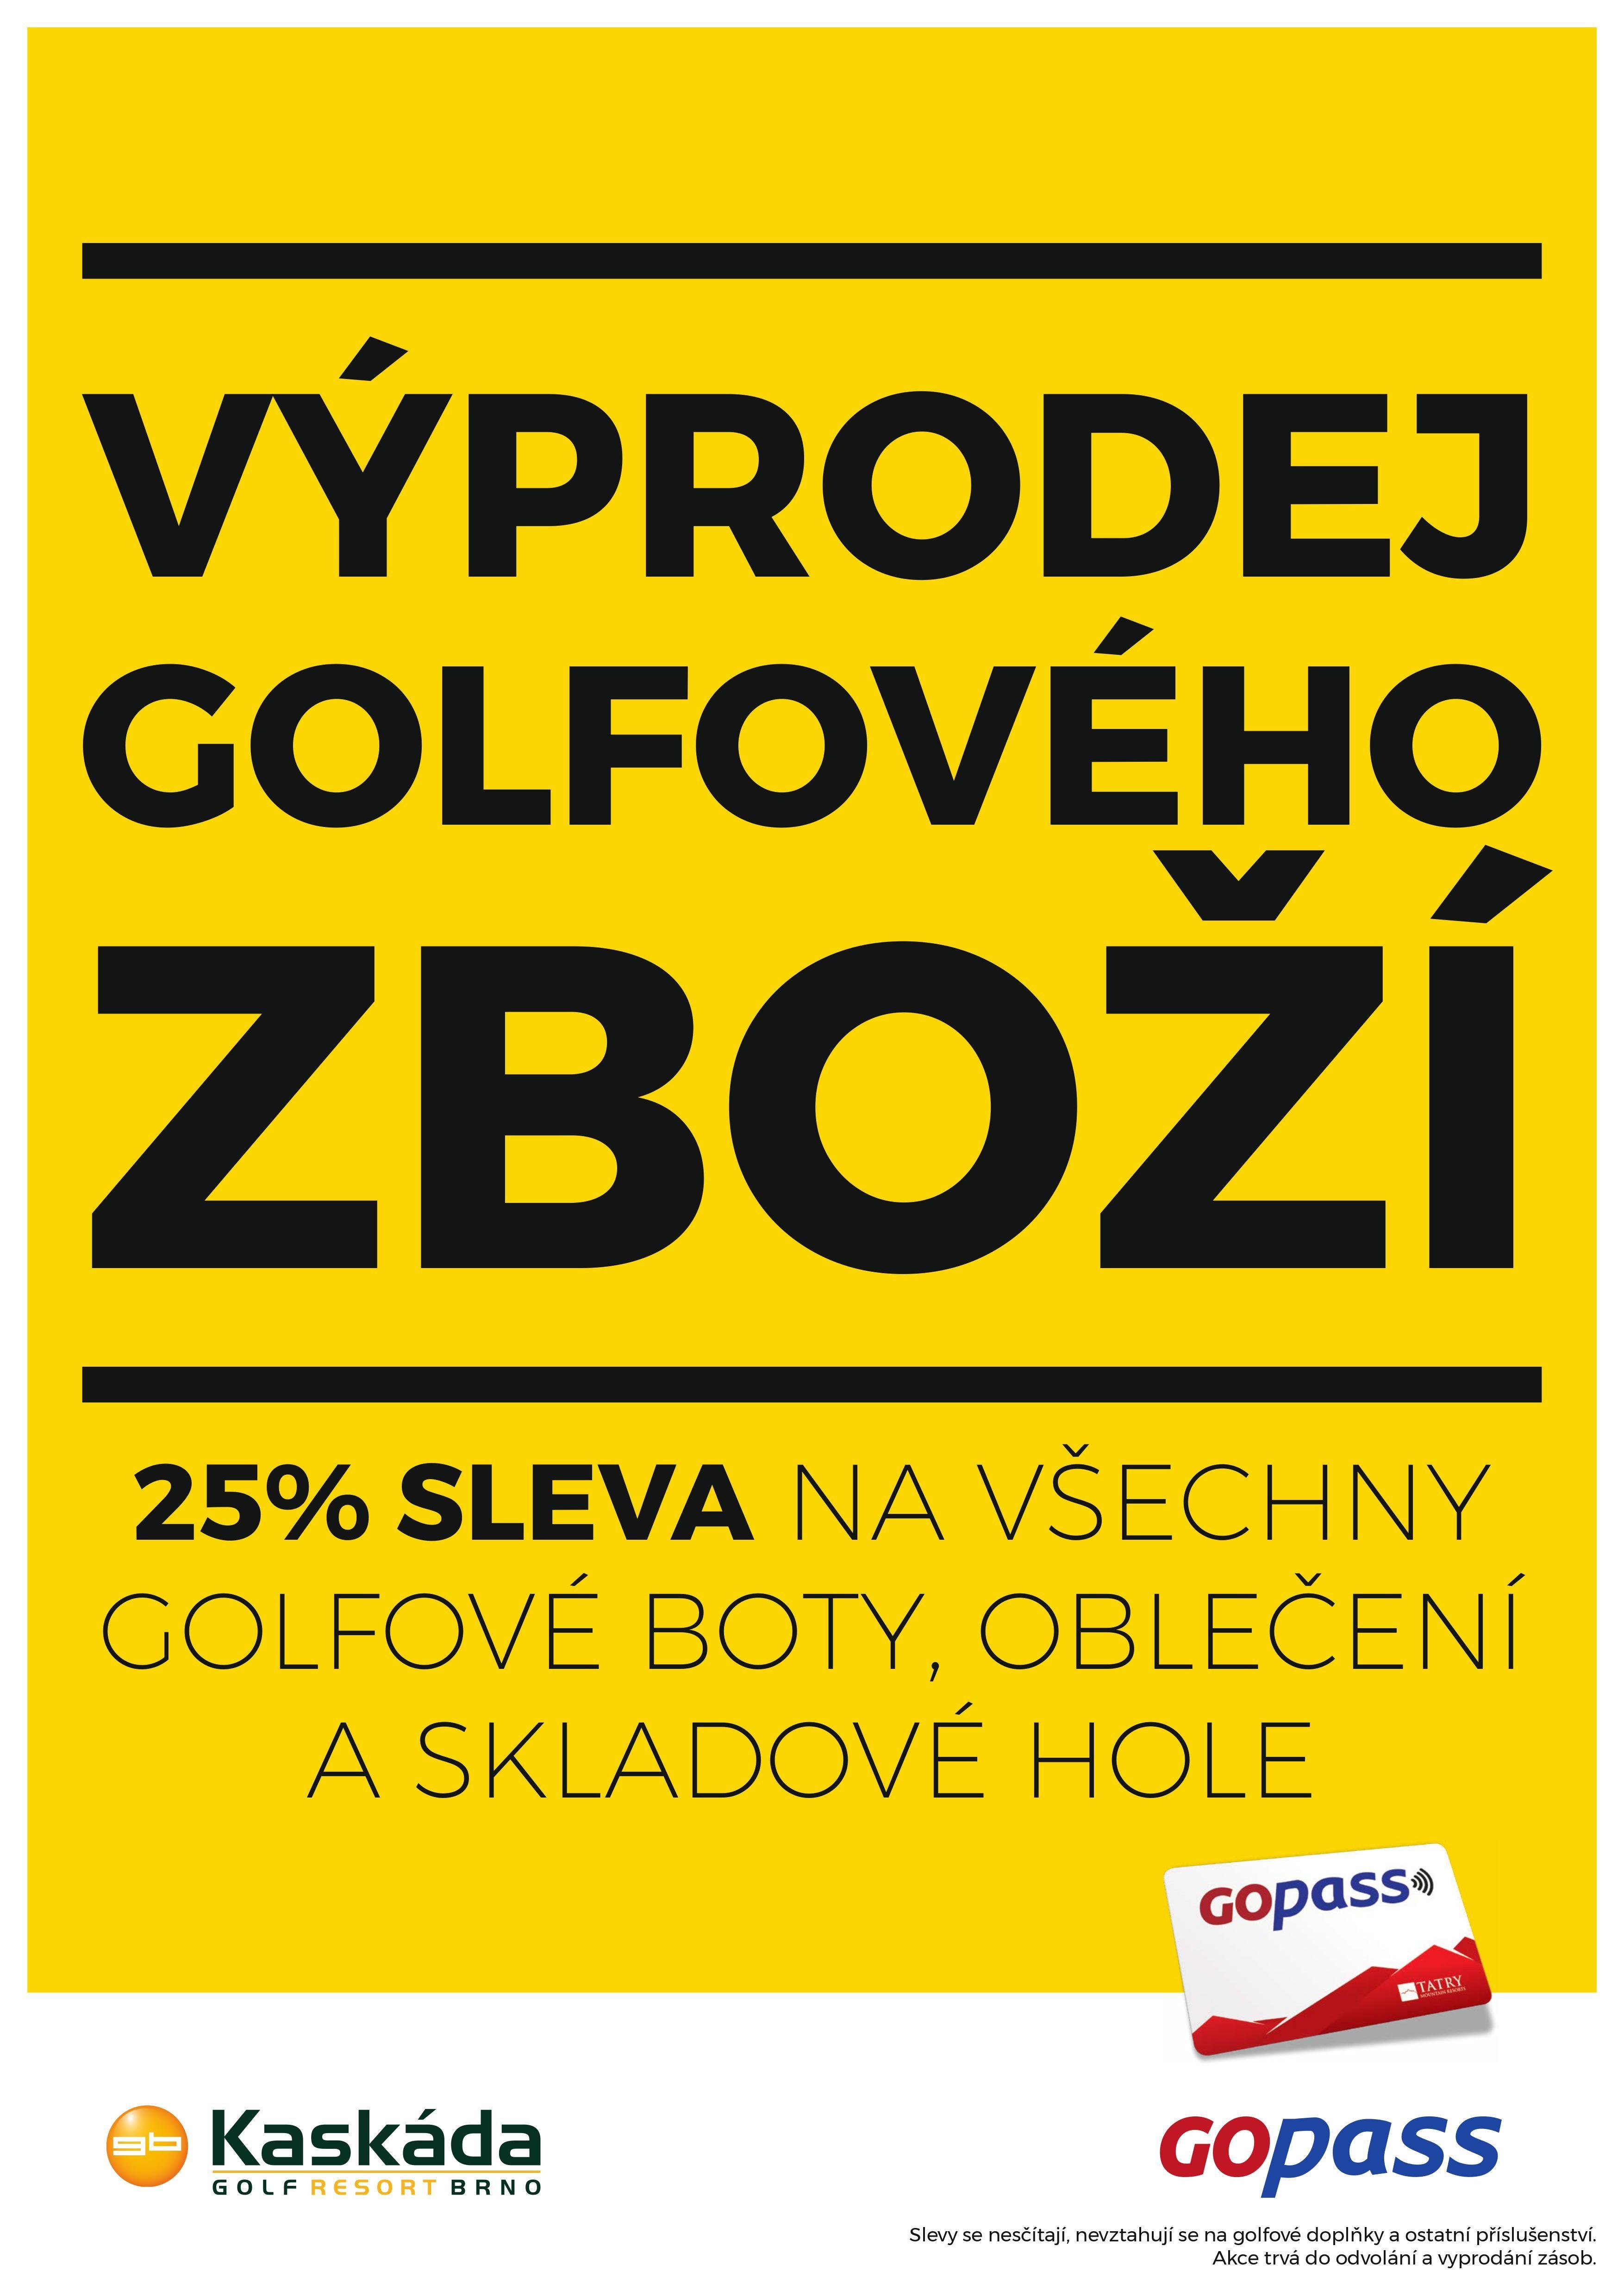 Vyprodej_zbozi_kaskada_2020